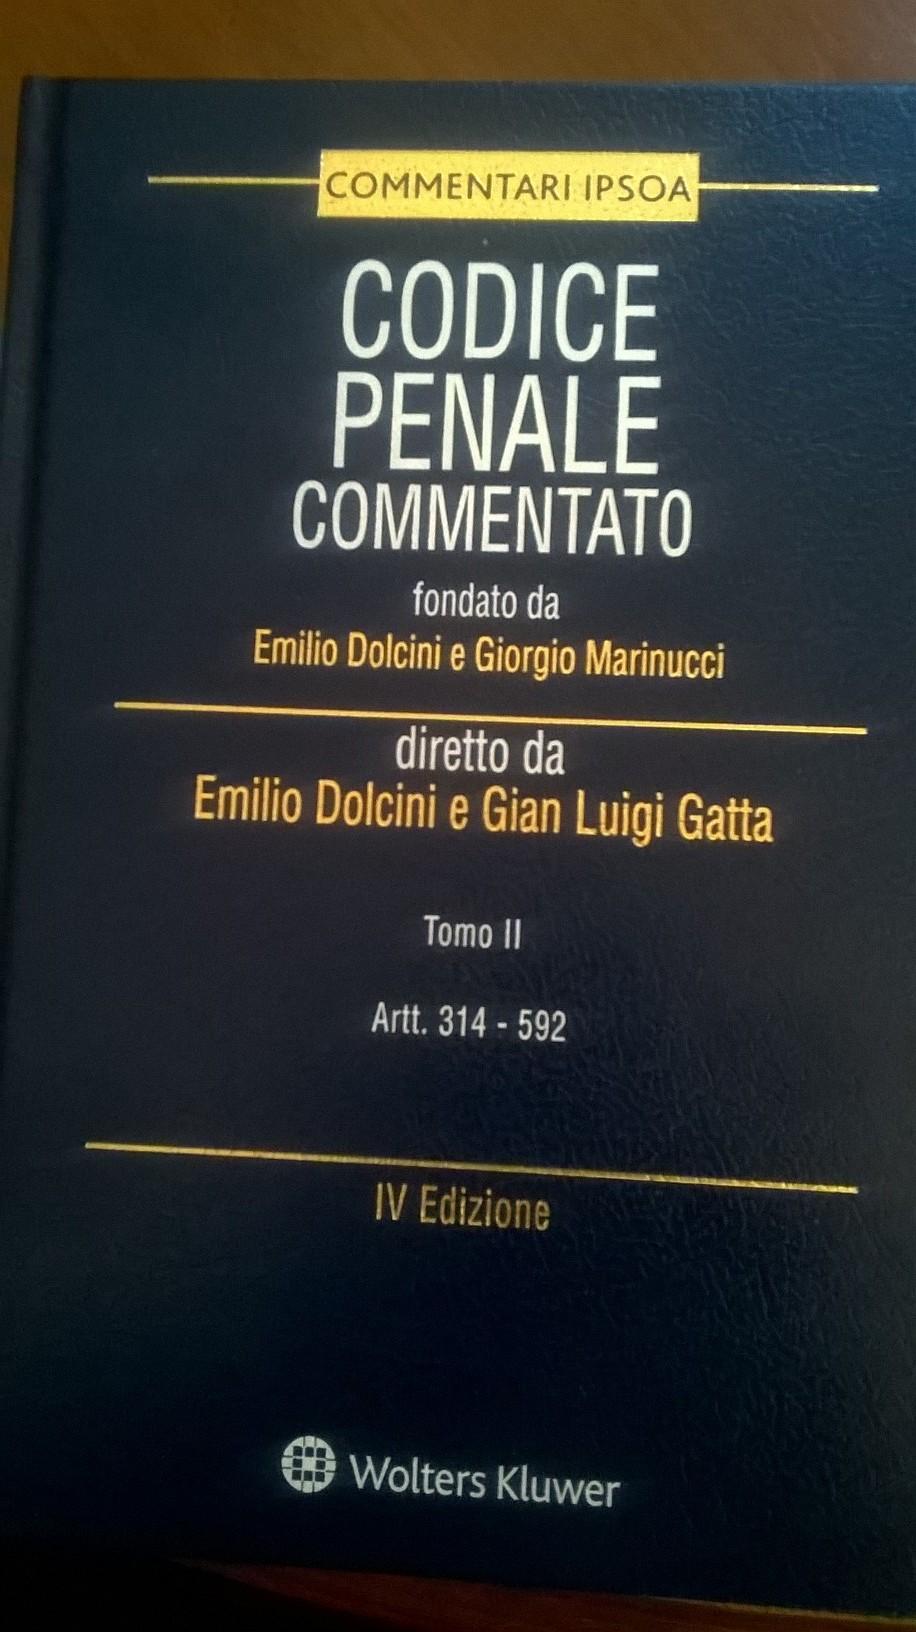 Codice penale commentato - Tomo II